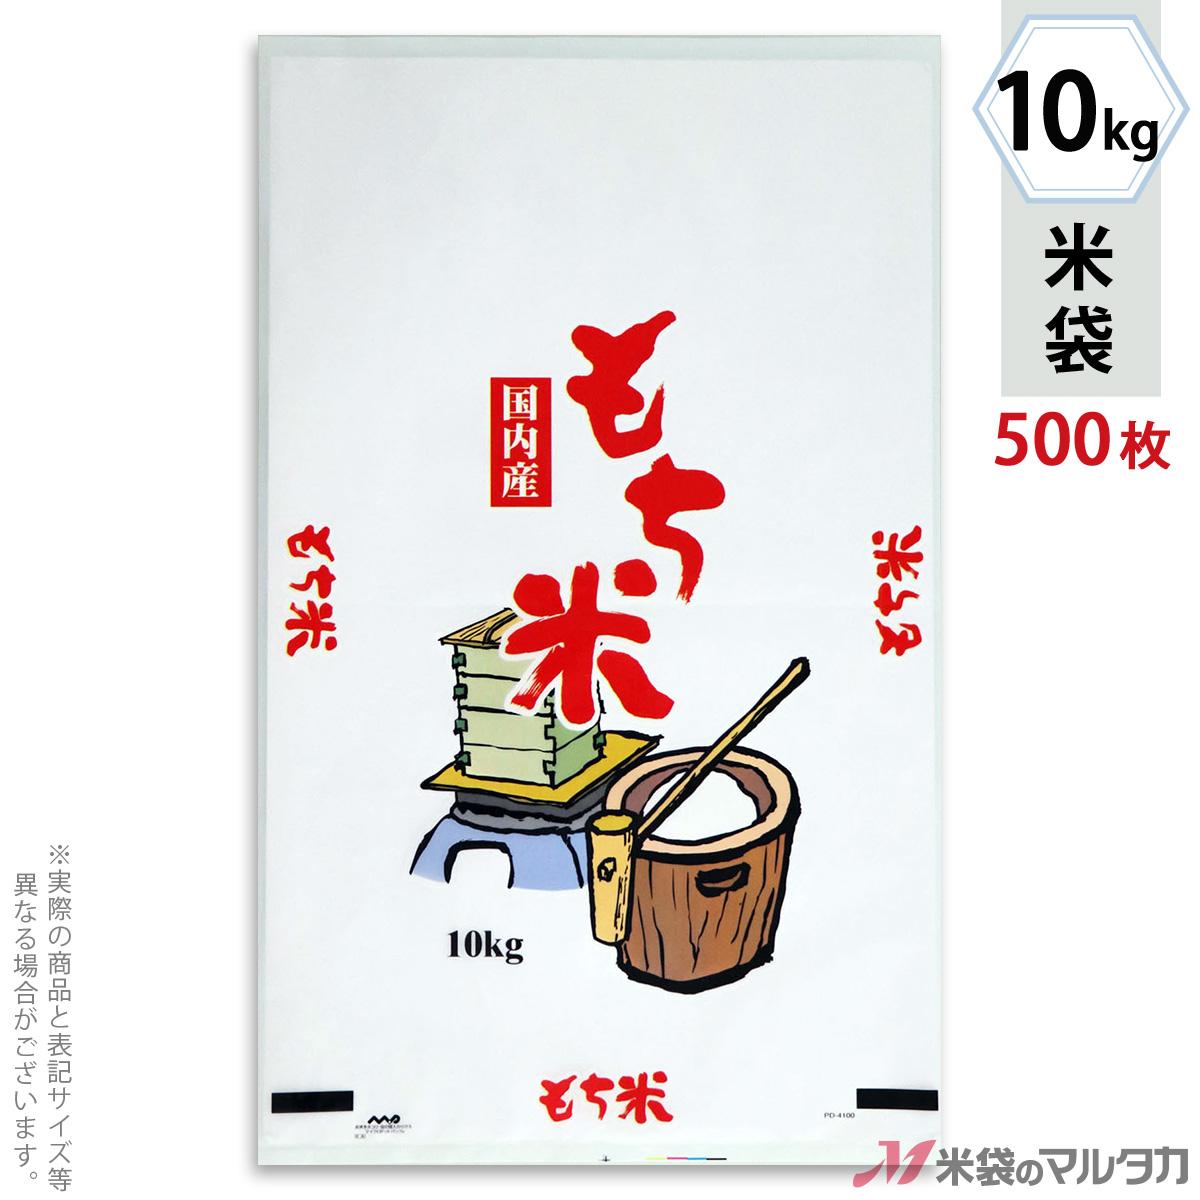 異物の侵入を防ぐマイクロ孔加工の「マイクロドットパック」【10kg用】 米袋 ポリ乳白 マイクロドット もち米 せいろ 10kg 1ケース(500枚入) PD-4100